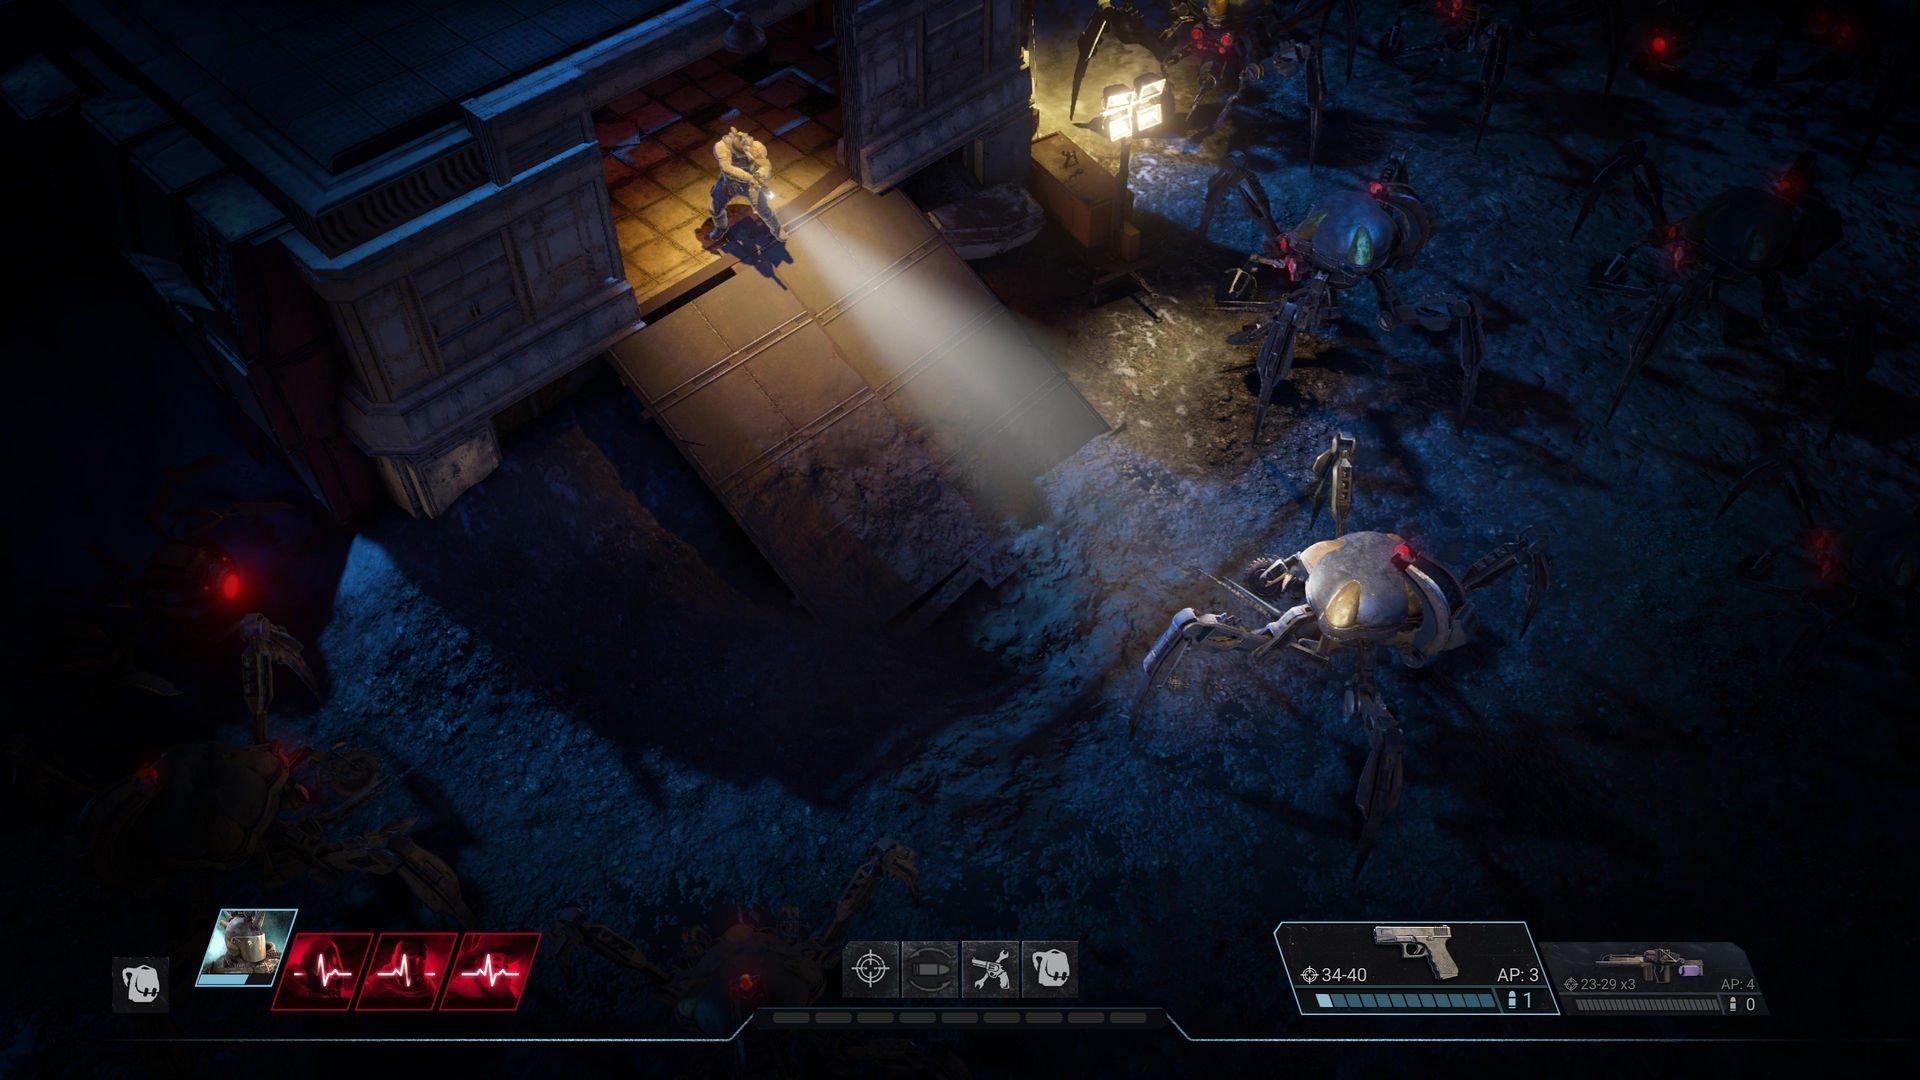 Скриншот к игре Wasteland 3 - Digital Deluxe Edition (j3160) [GOG] (2020) скачать торрент Лицензия